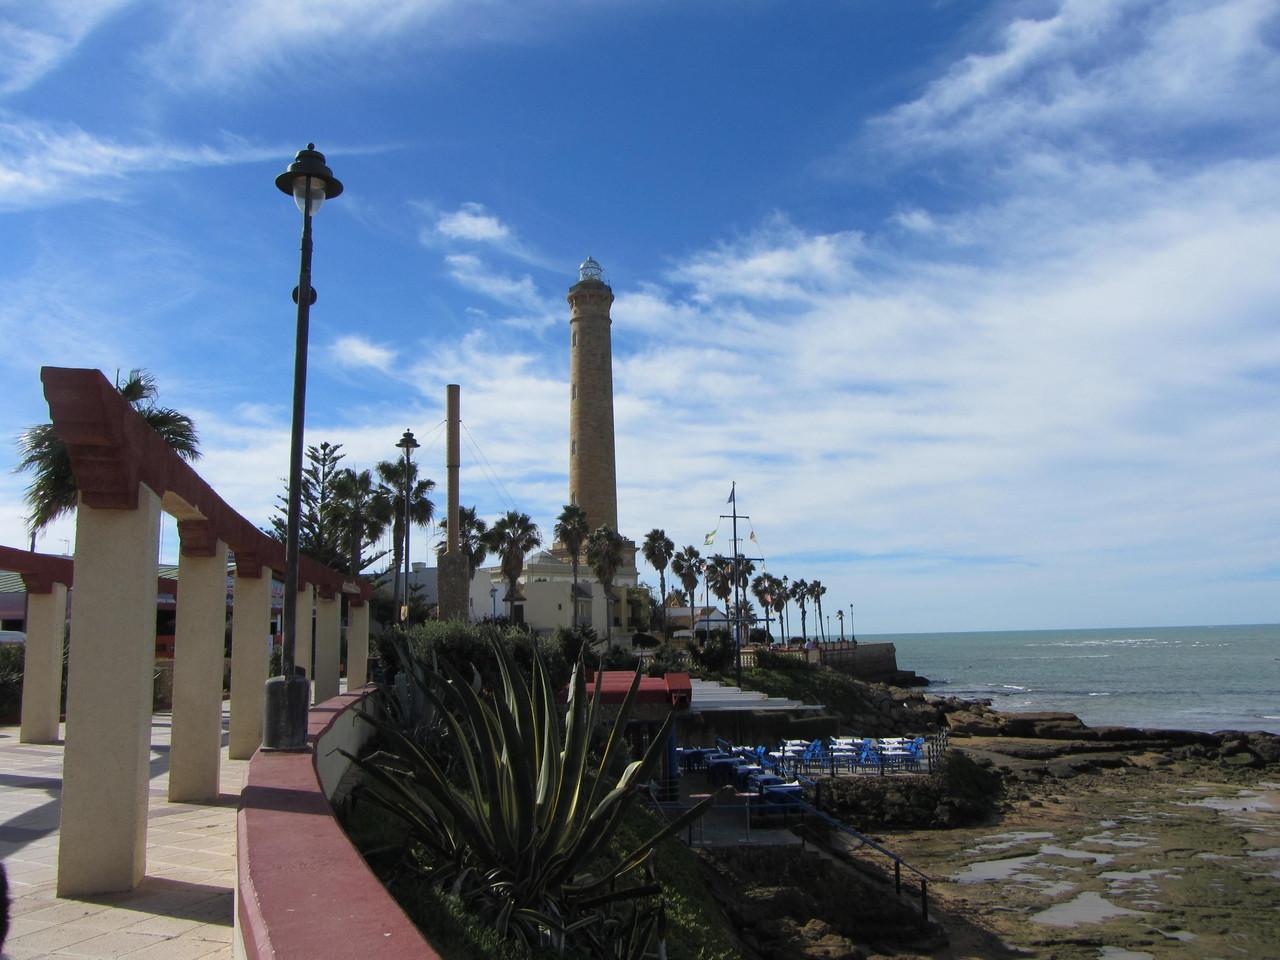 entlang der Strandpromenade